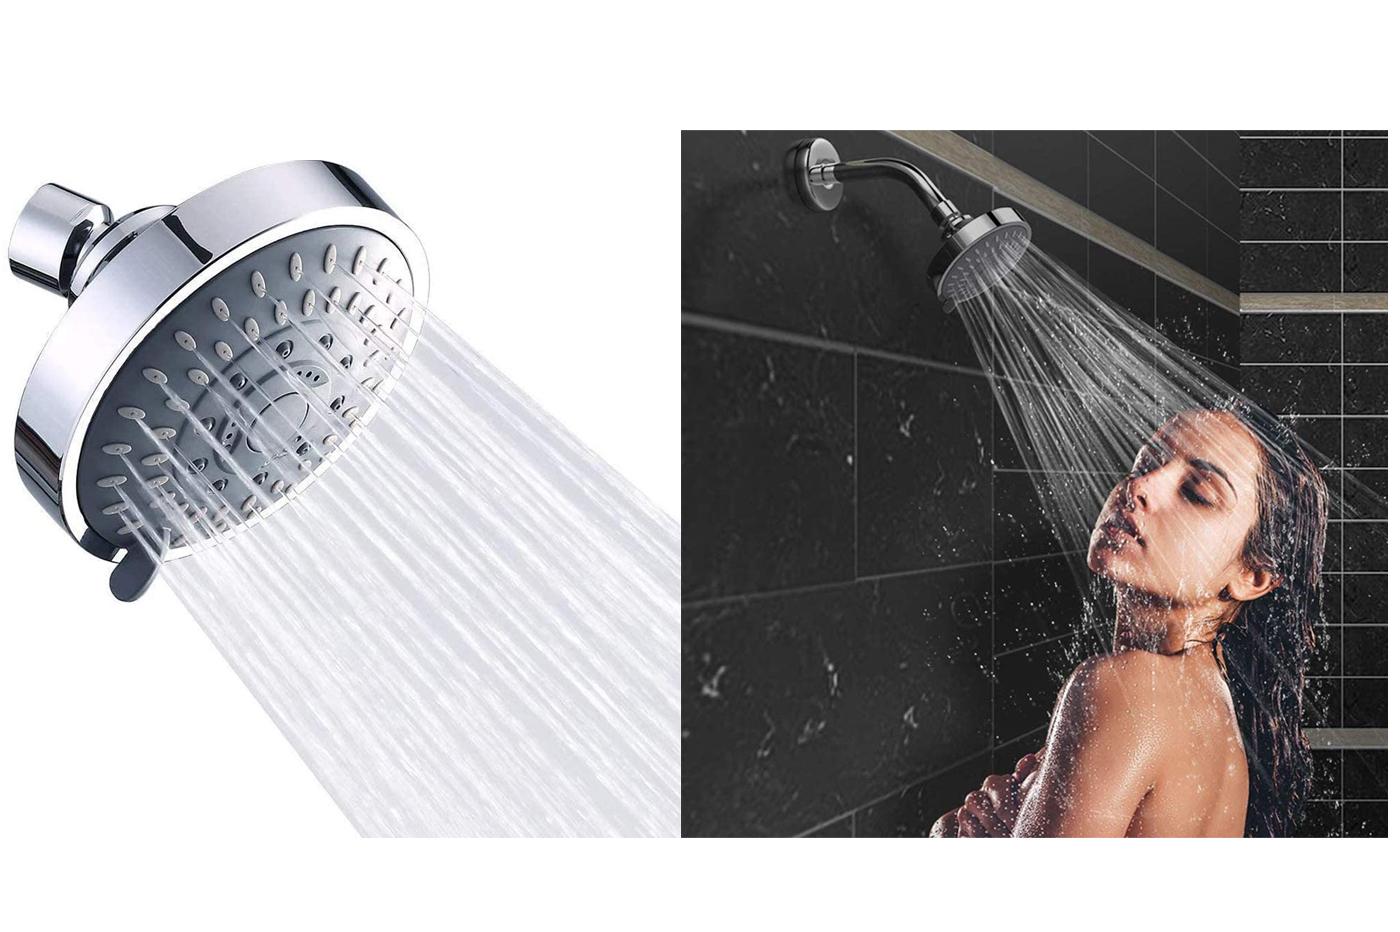 Bes 30043 Complementi Arredo Bagno E Idraulica Beselettronica Soffione Doccia Getto Fisso Rotondo Effetto Pioggia 95mm Bagno Dgo 183